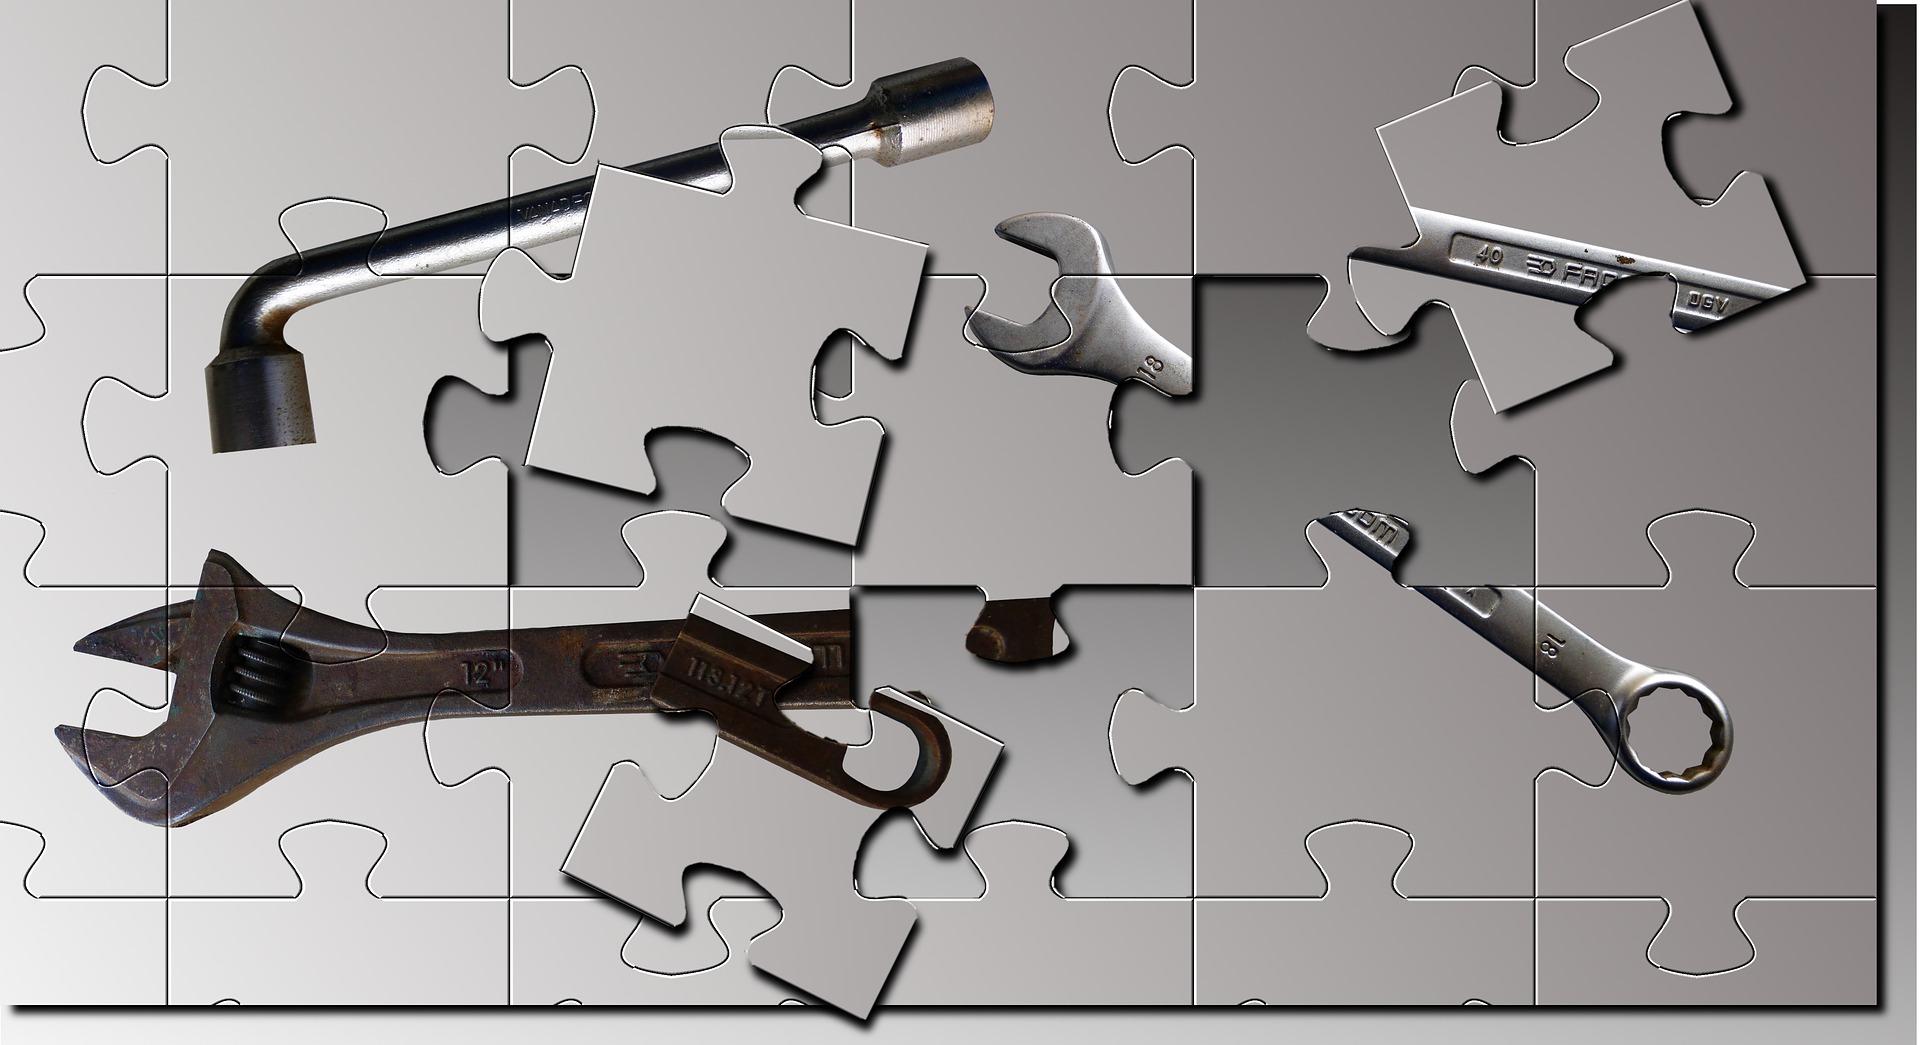 Bilden föreställer ett pussel med grå bakgrund, innehållande ett fälgkors, en skiftnyckel och en blocknyckel. Tre av bitarna i pusslet ligger fel, vilket resulterar i hål i bilden.